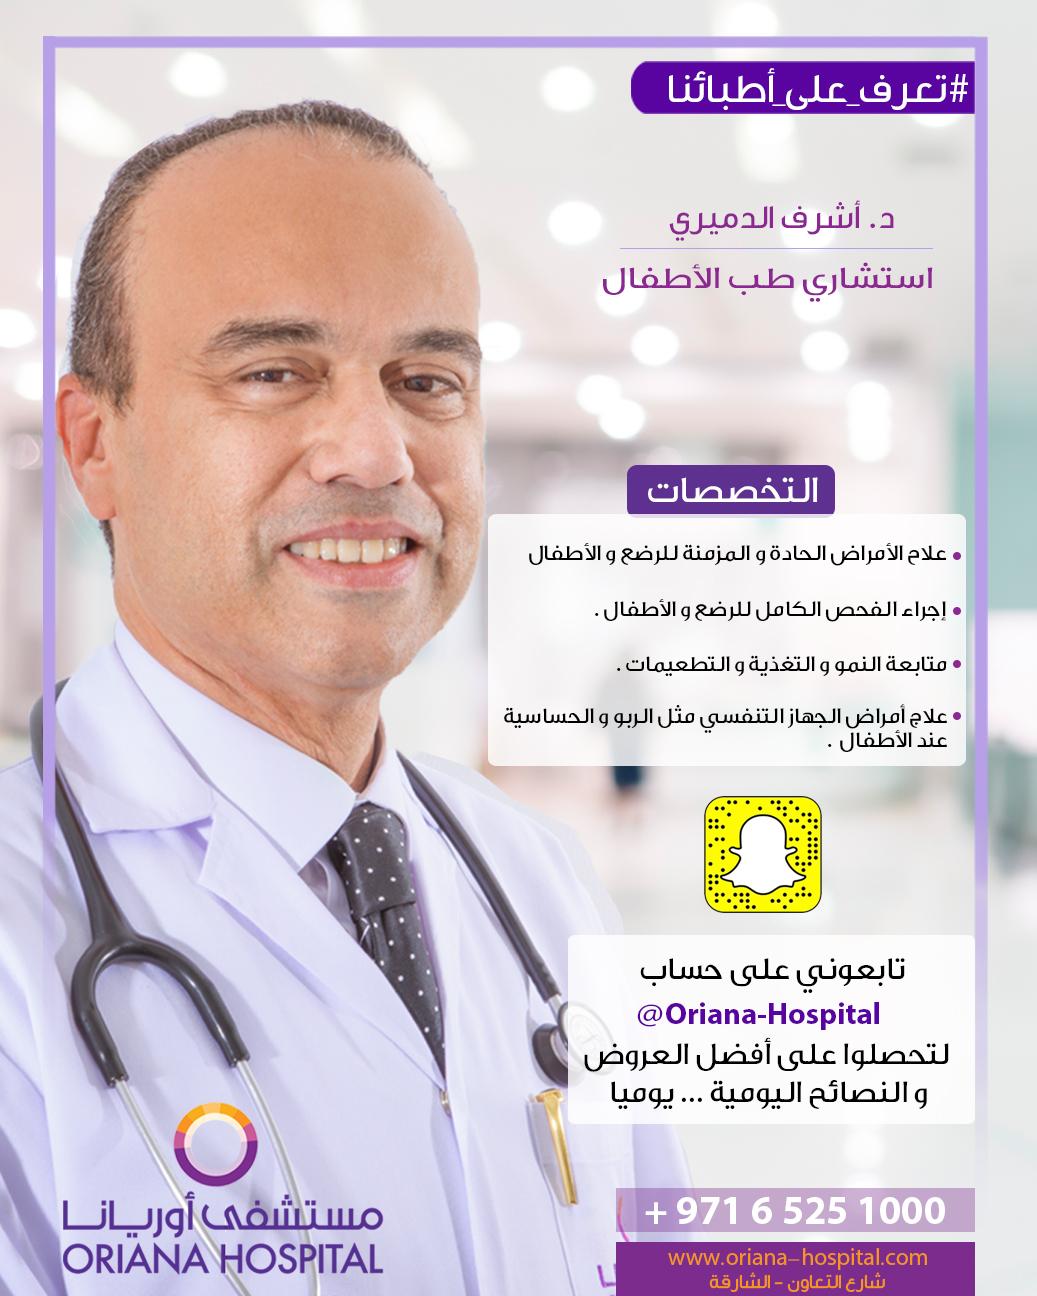 dr ashraf-arabic copy